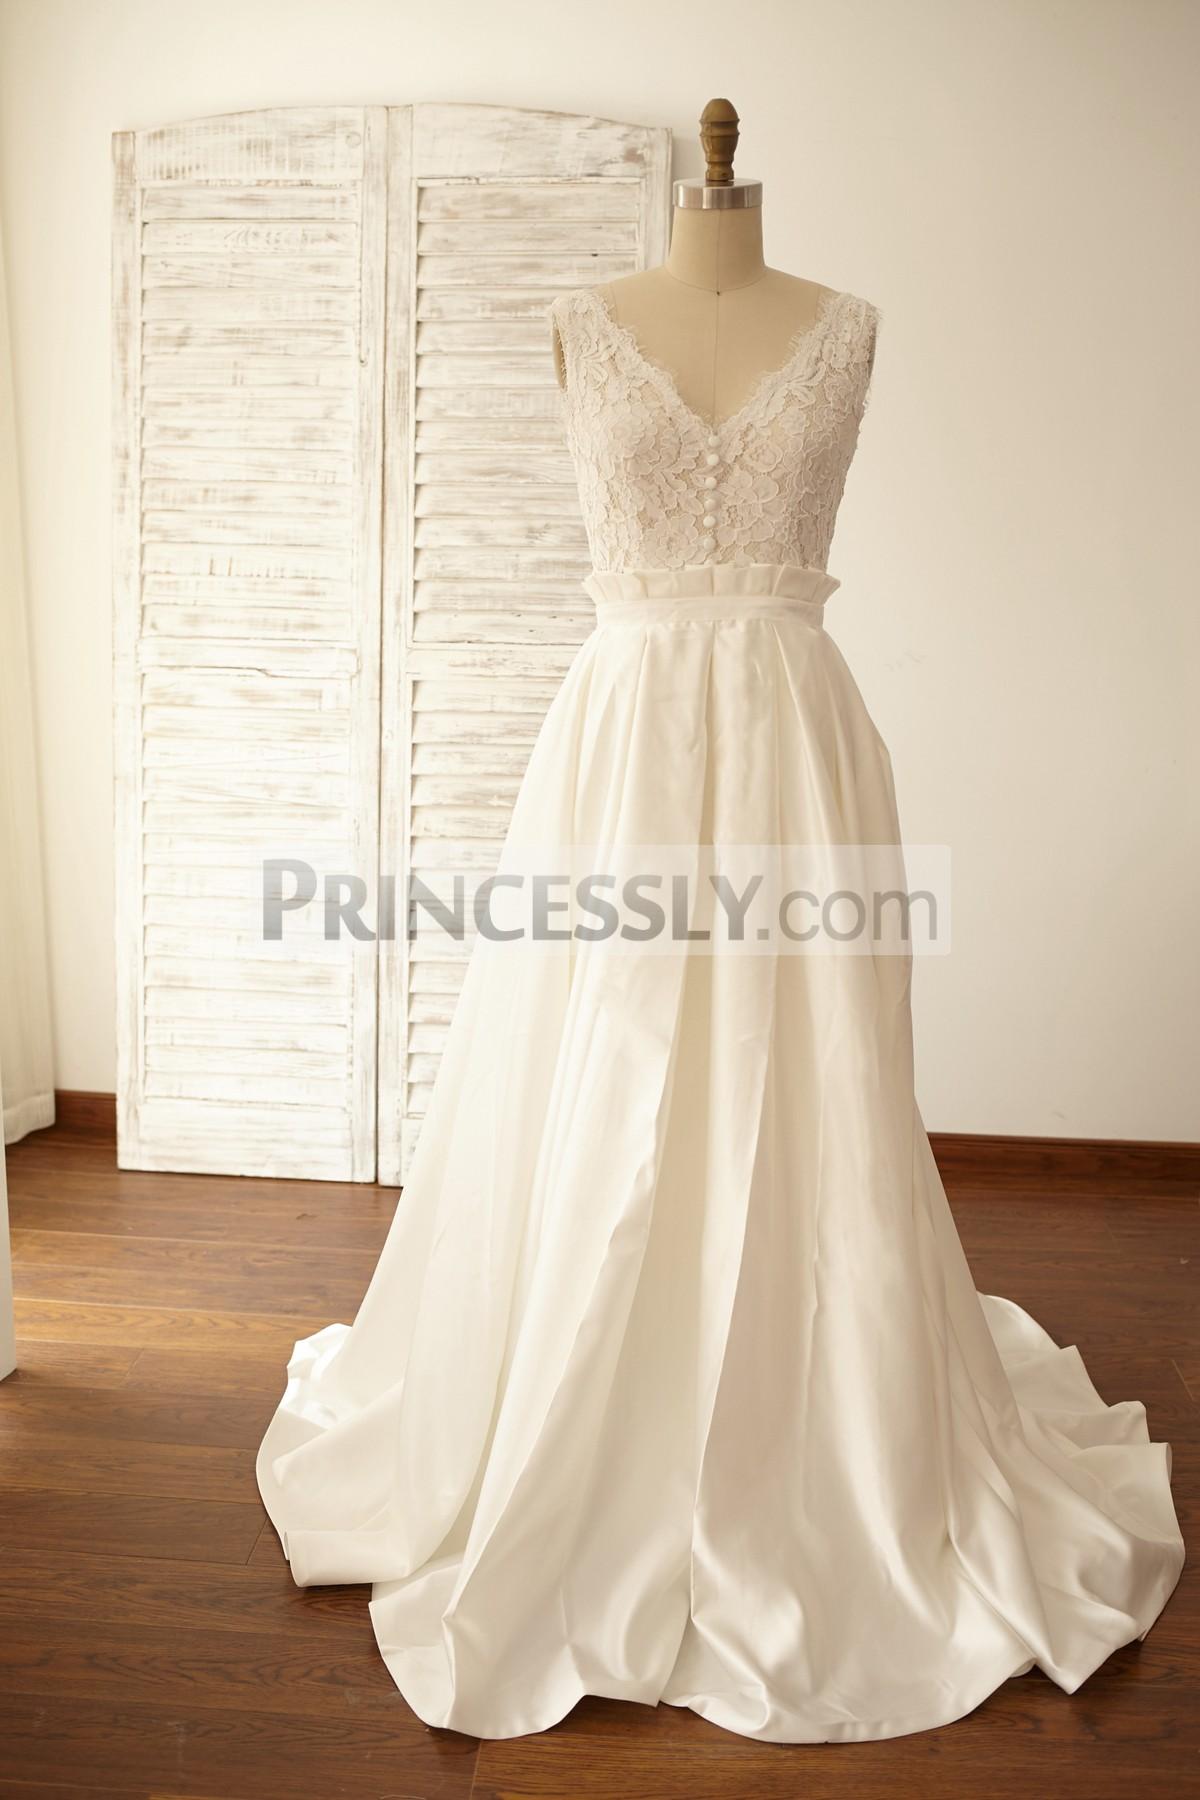 Princessly.com-K1000059-Deep V Back Lace Satin Wedding Dress Bridal Gown-31